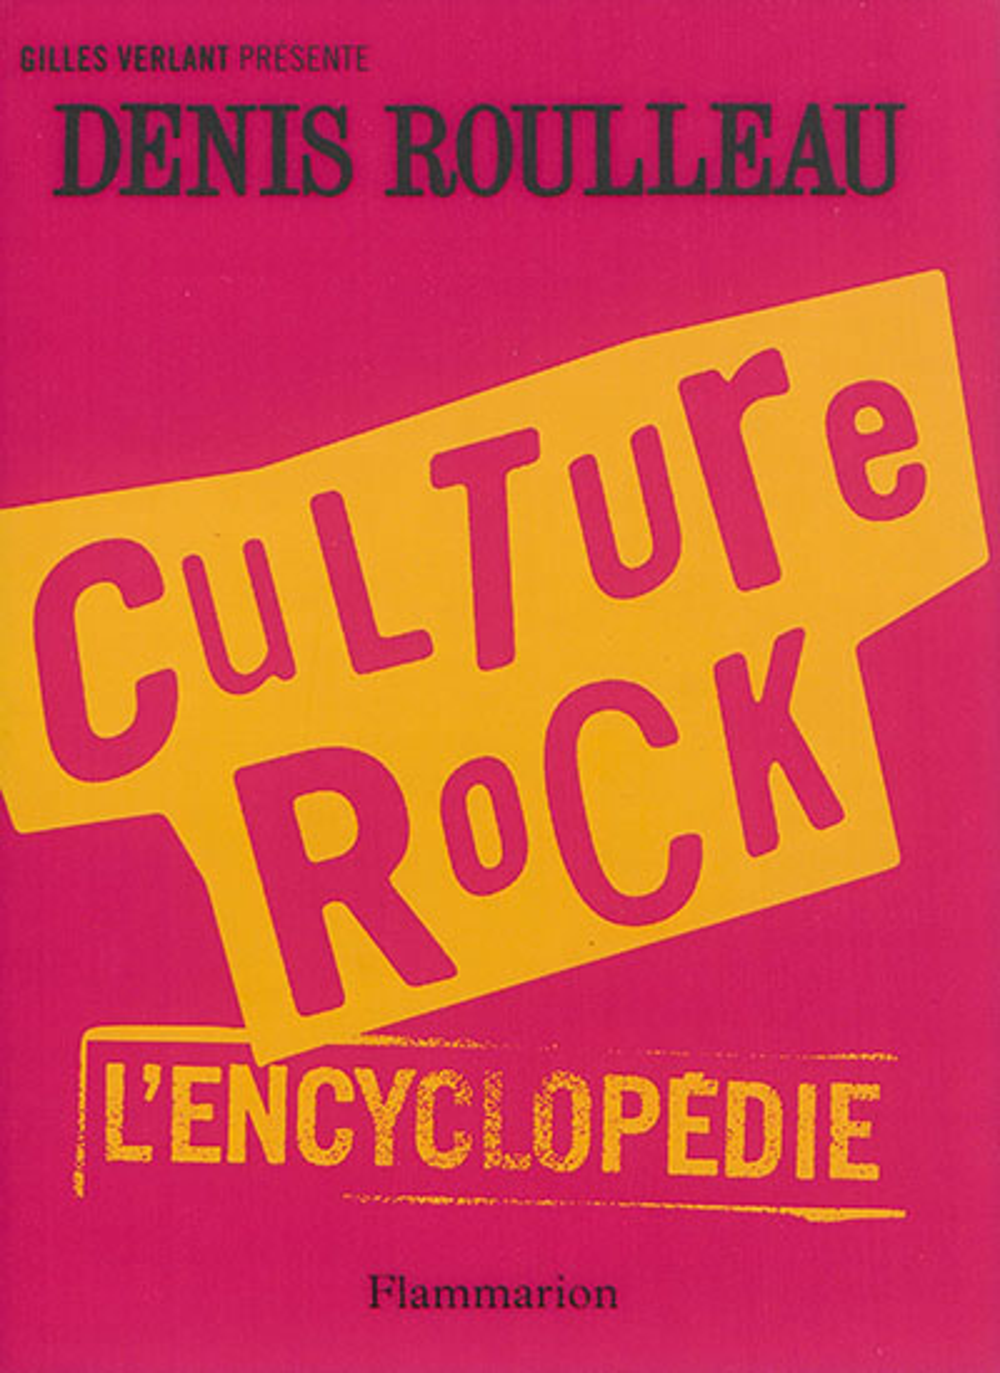 CULTURE ROCK, L'ENCYCLOPEDIE Roulleau Denis Flammarion